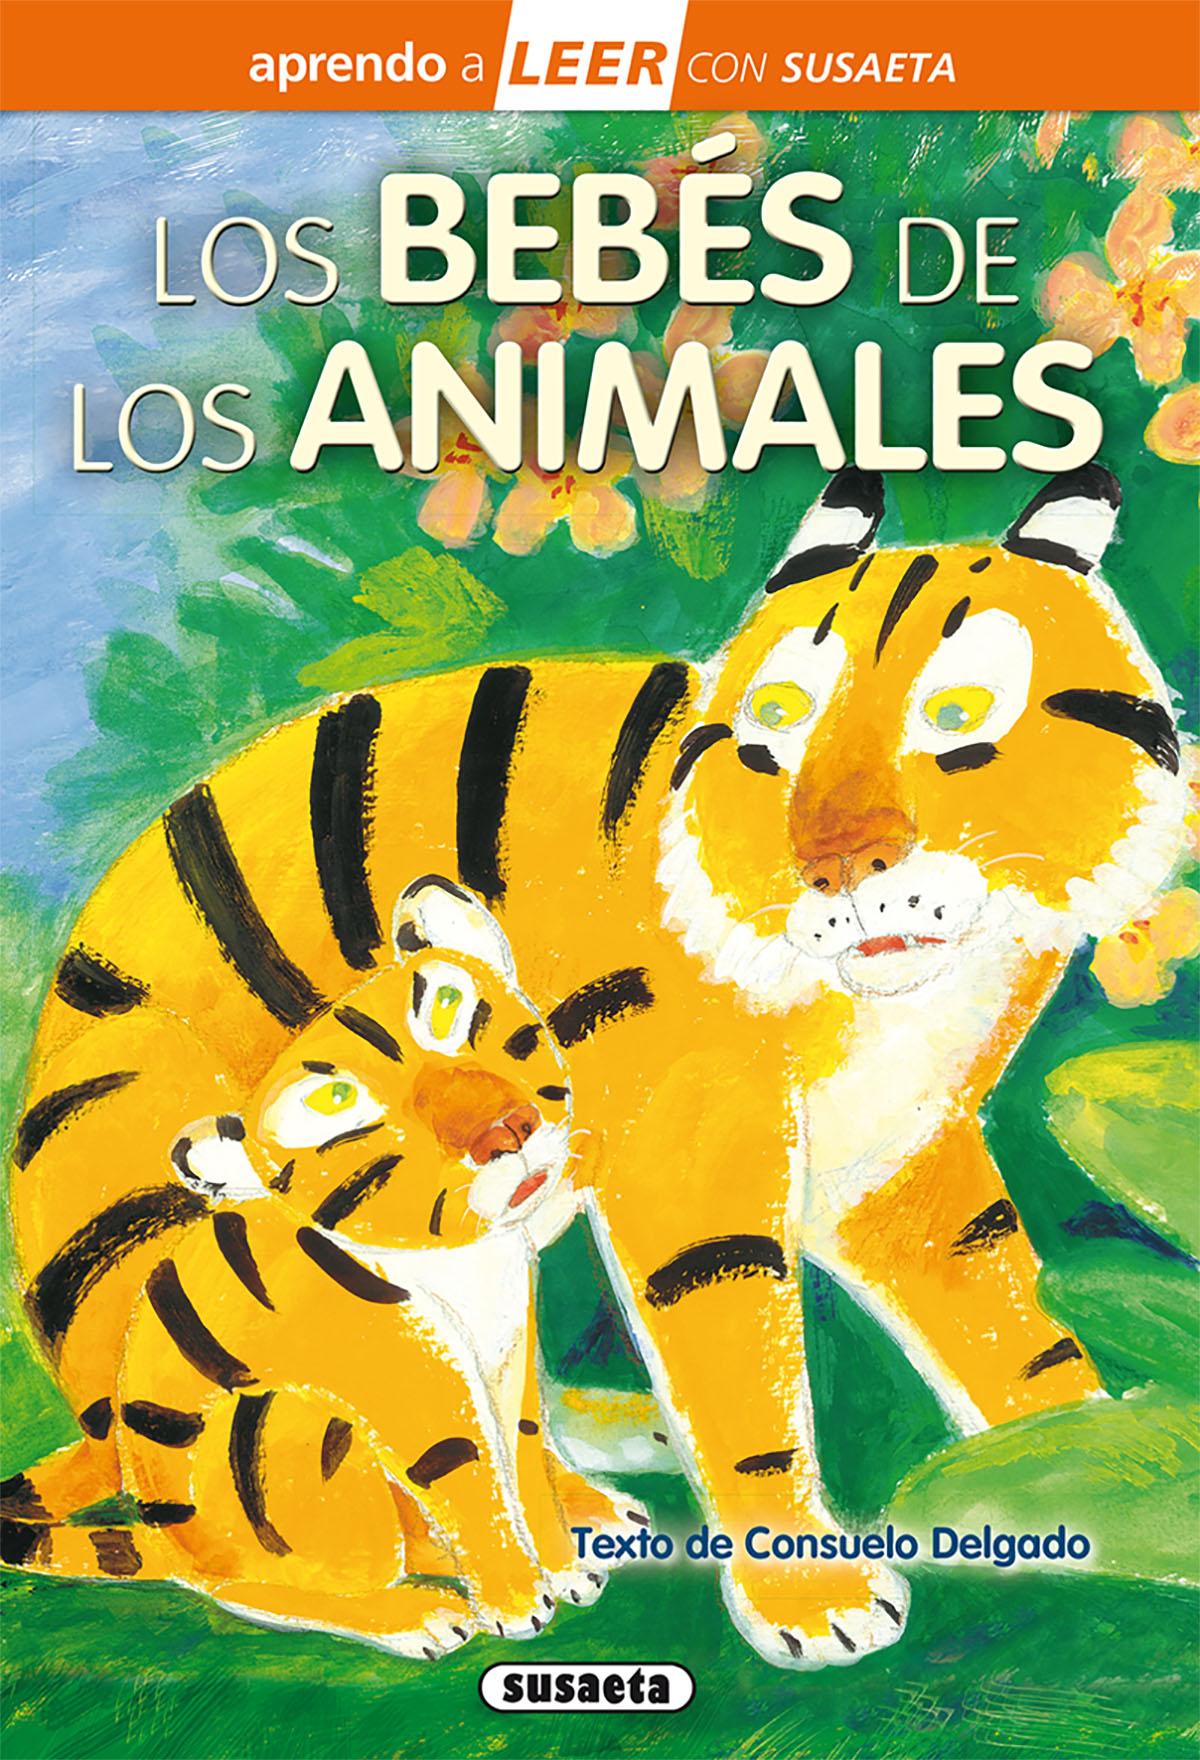 LOS BEBES DE LOS ANIMALES 2068001